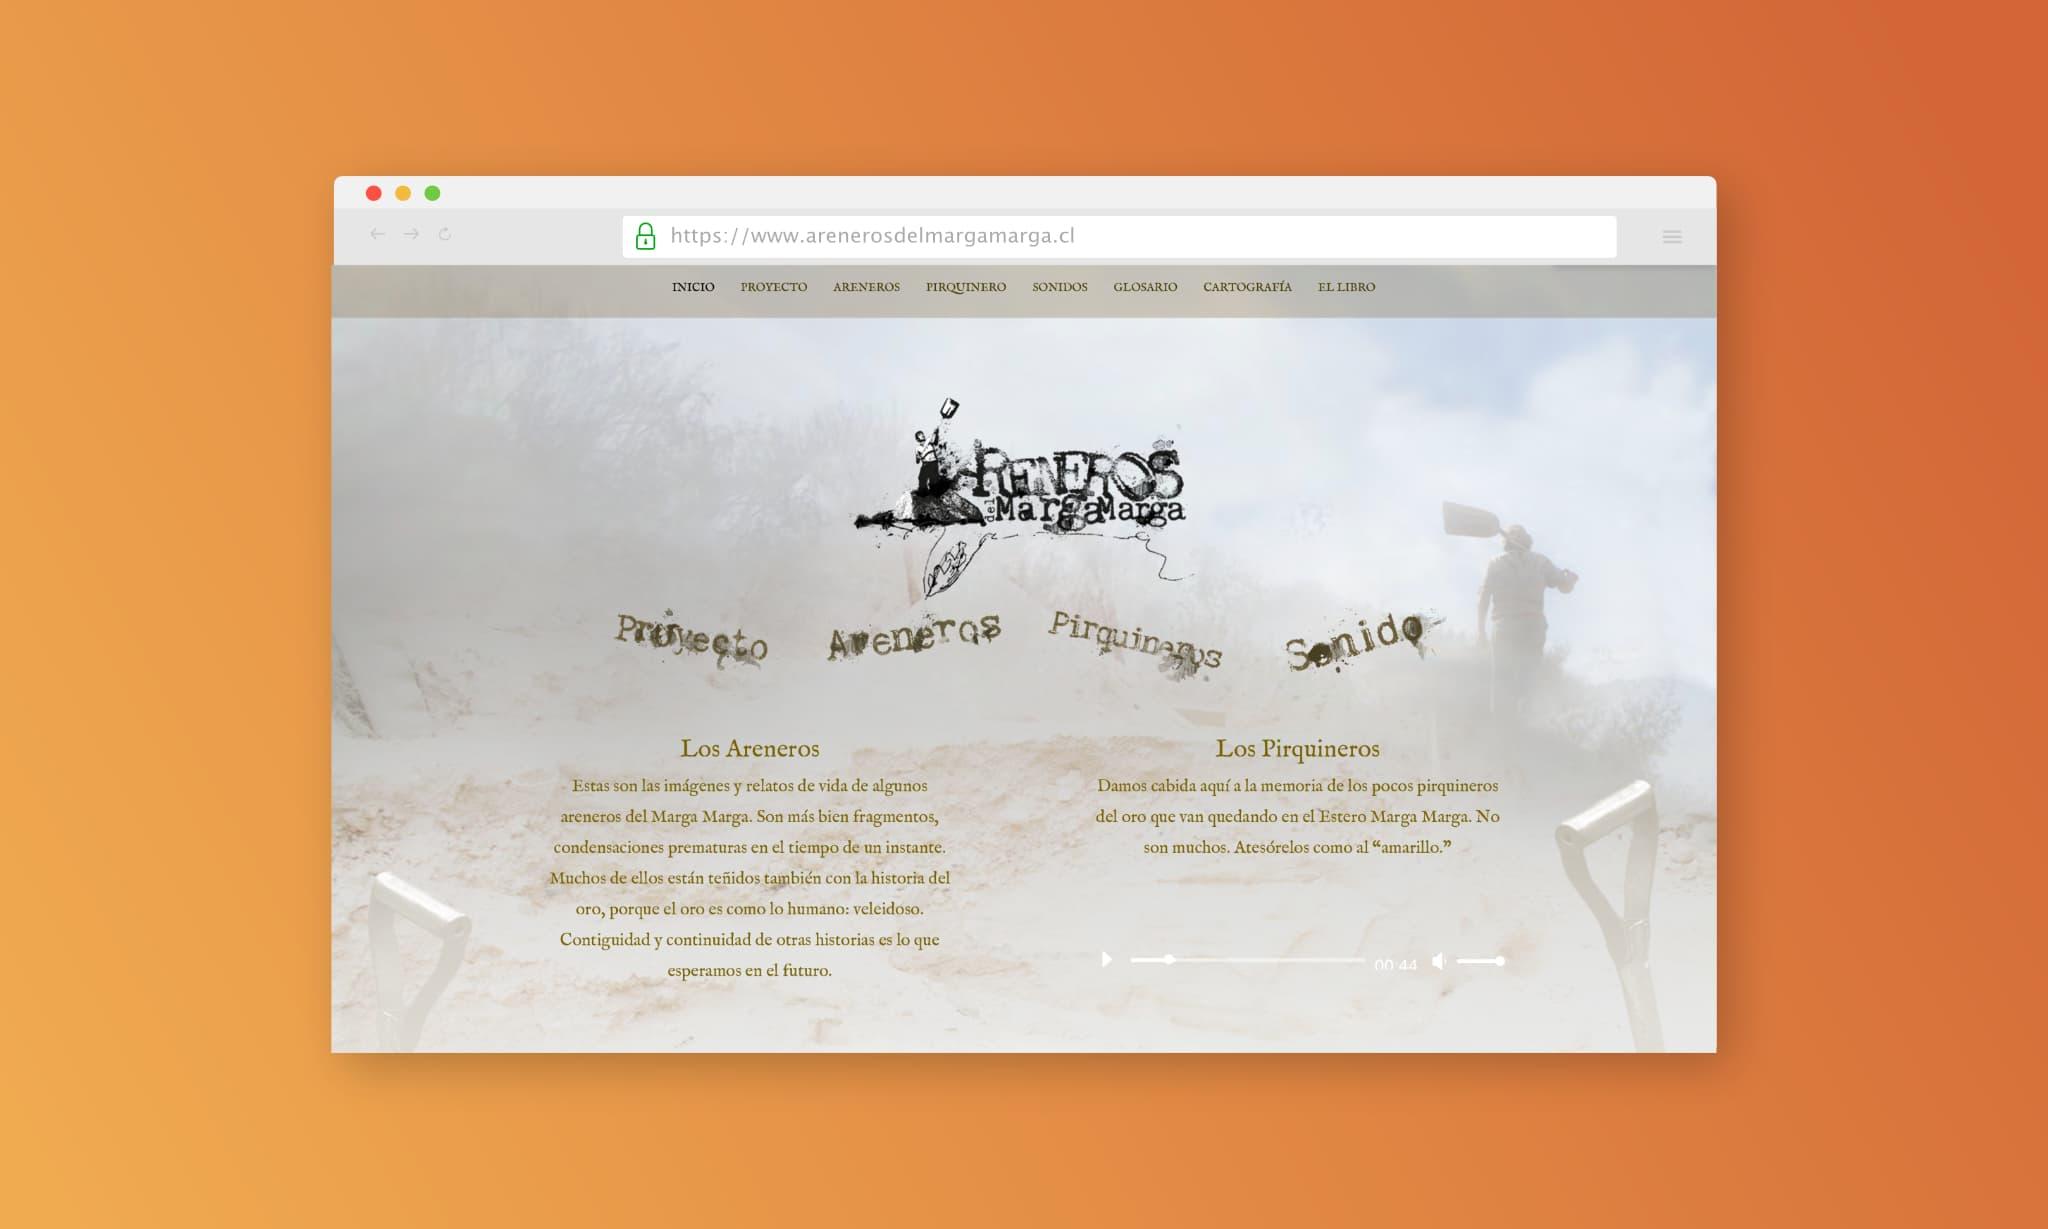 web areneros del margamarga - Portafolio